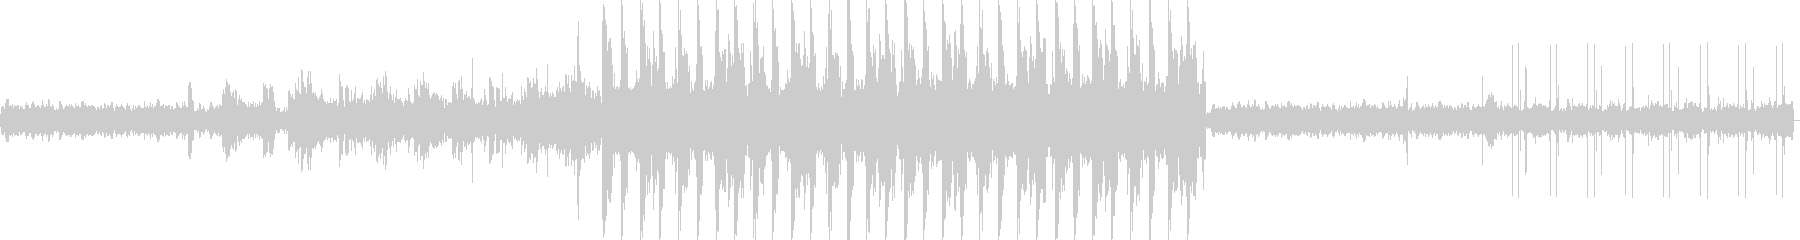 未来的で不思議な雰囲気のBGMの未再生の波形